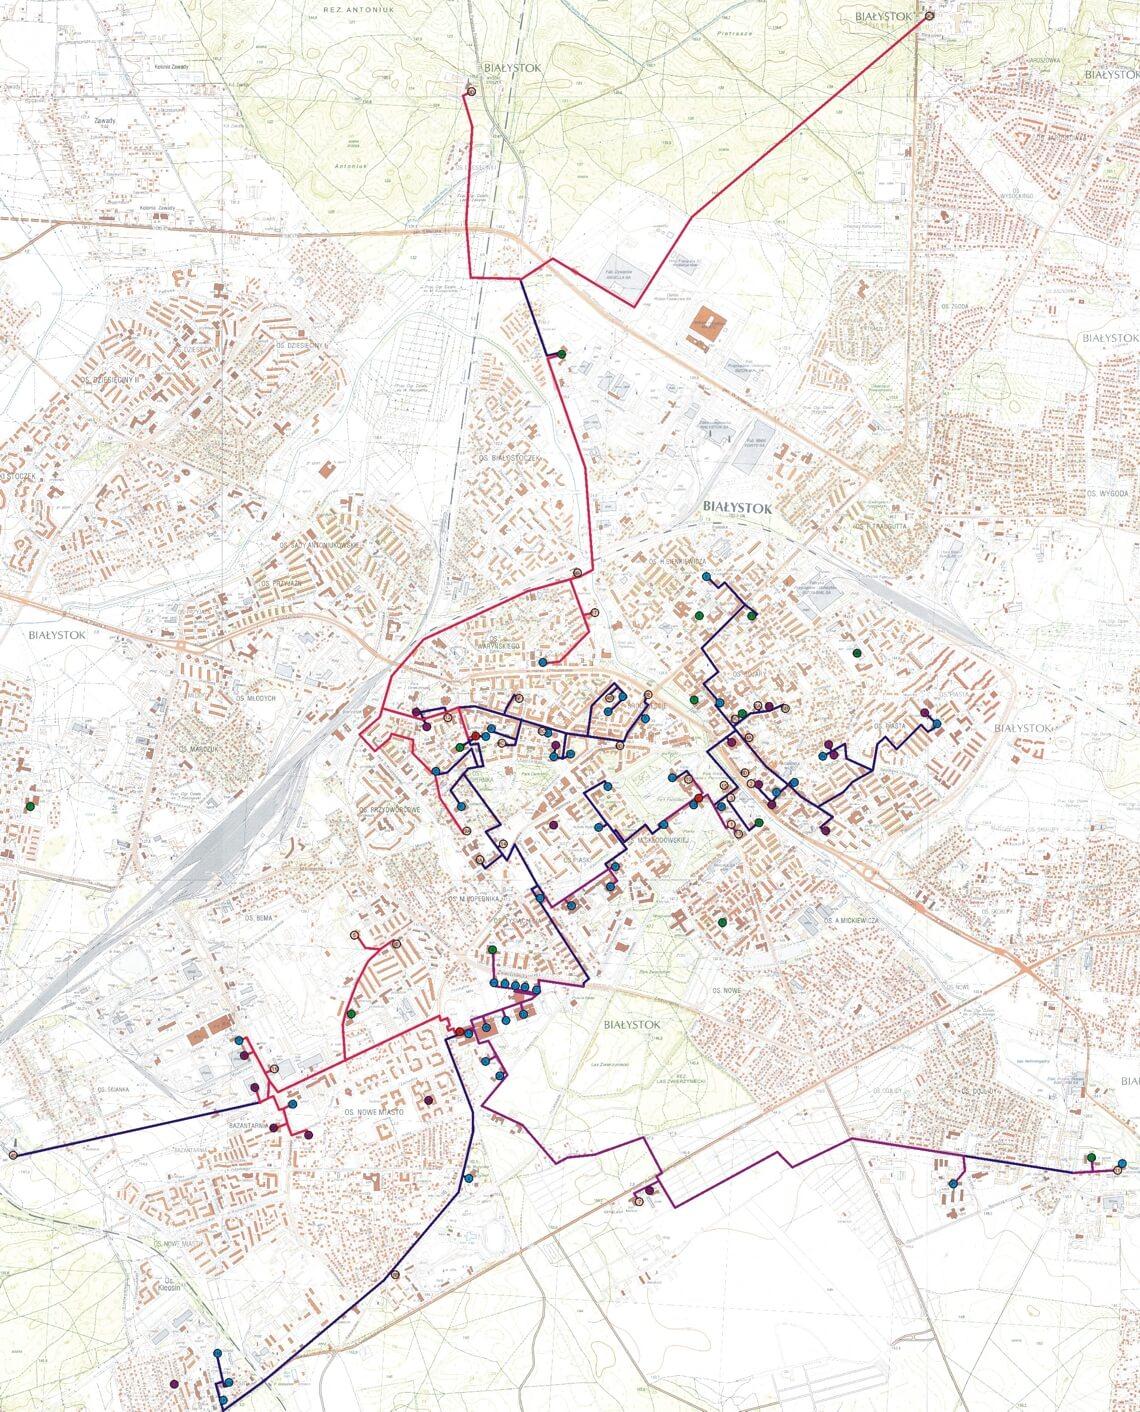 Szkielet sieci światłowodowej MSK BIAMAN w Białymstoku